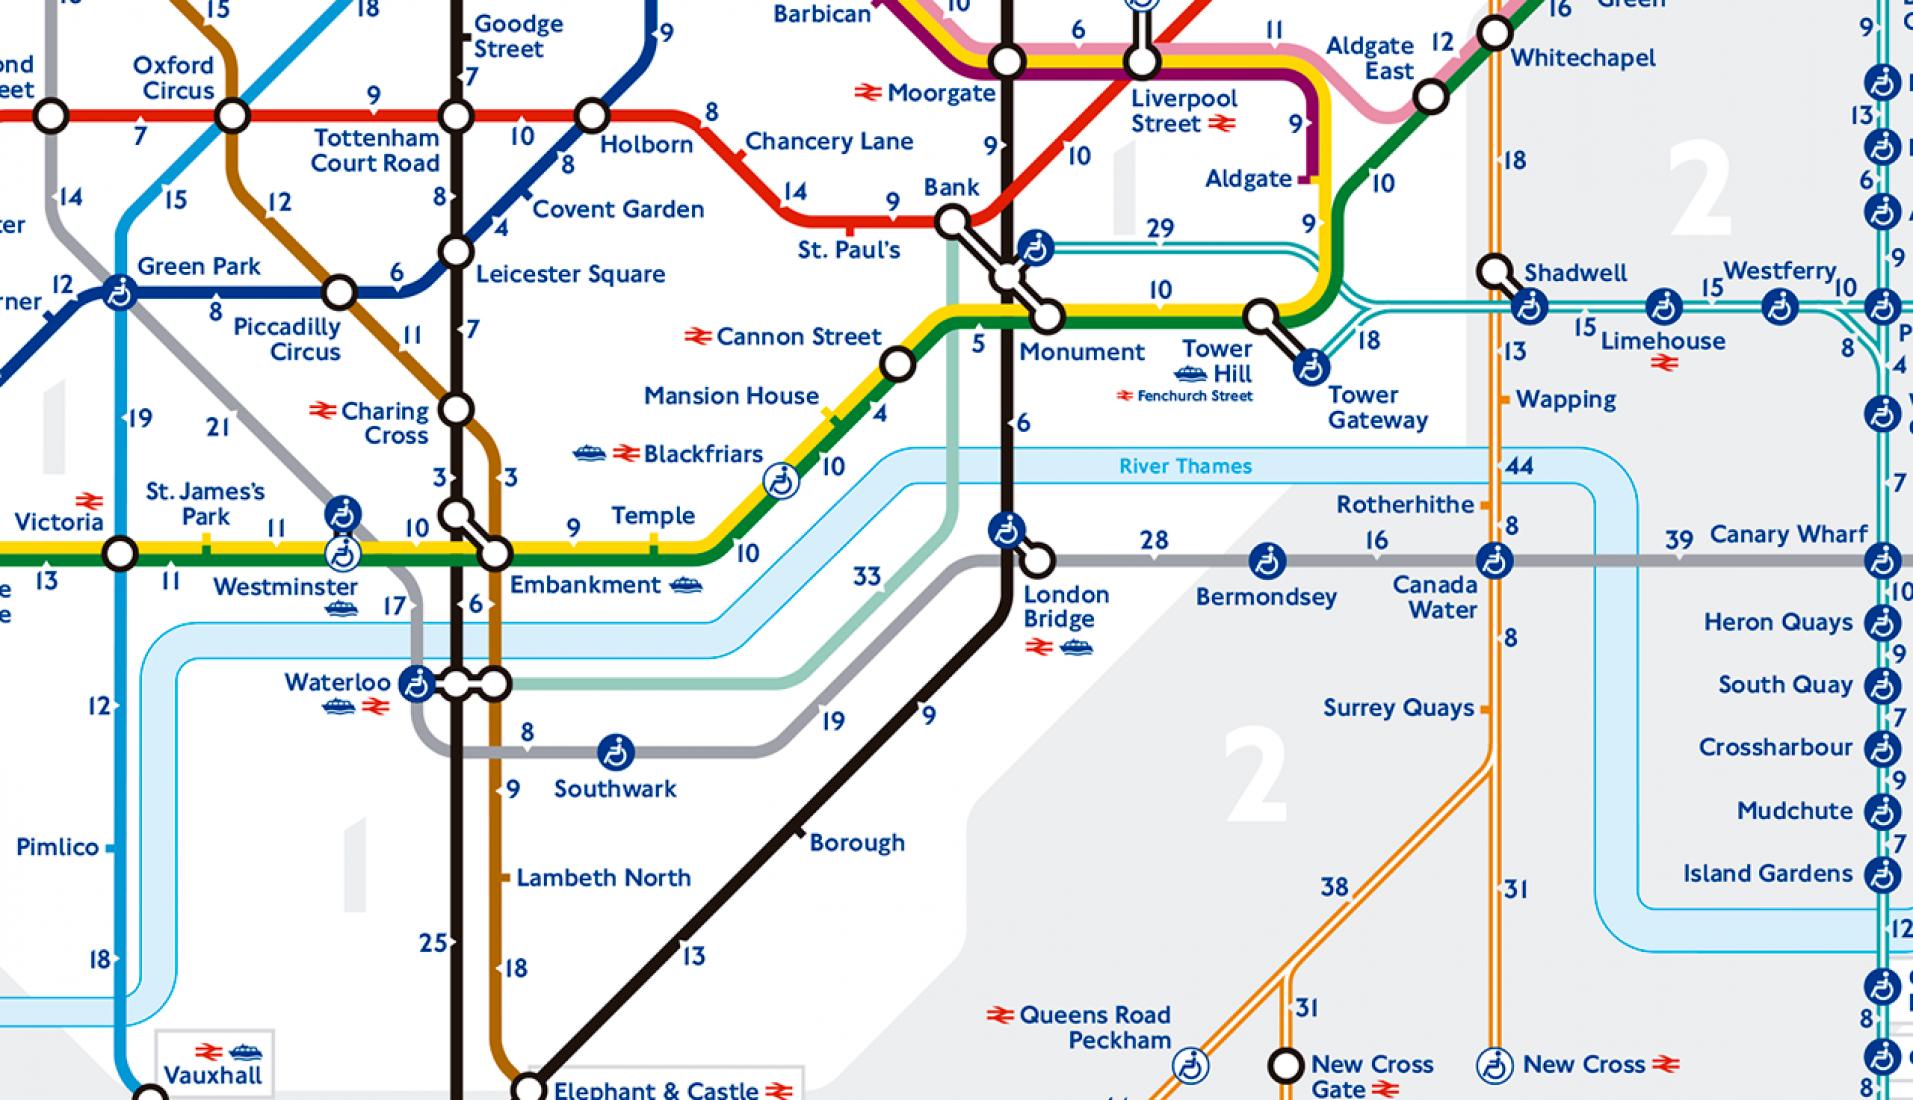 Detalle. Este es el primer mapa oficial que muestra los tiempos que hay andando entre las estaciones, aunque ha tenido varias versiones no oficiales anteriores. Imagen © Transport for London / Mayor of London.